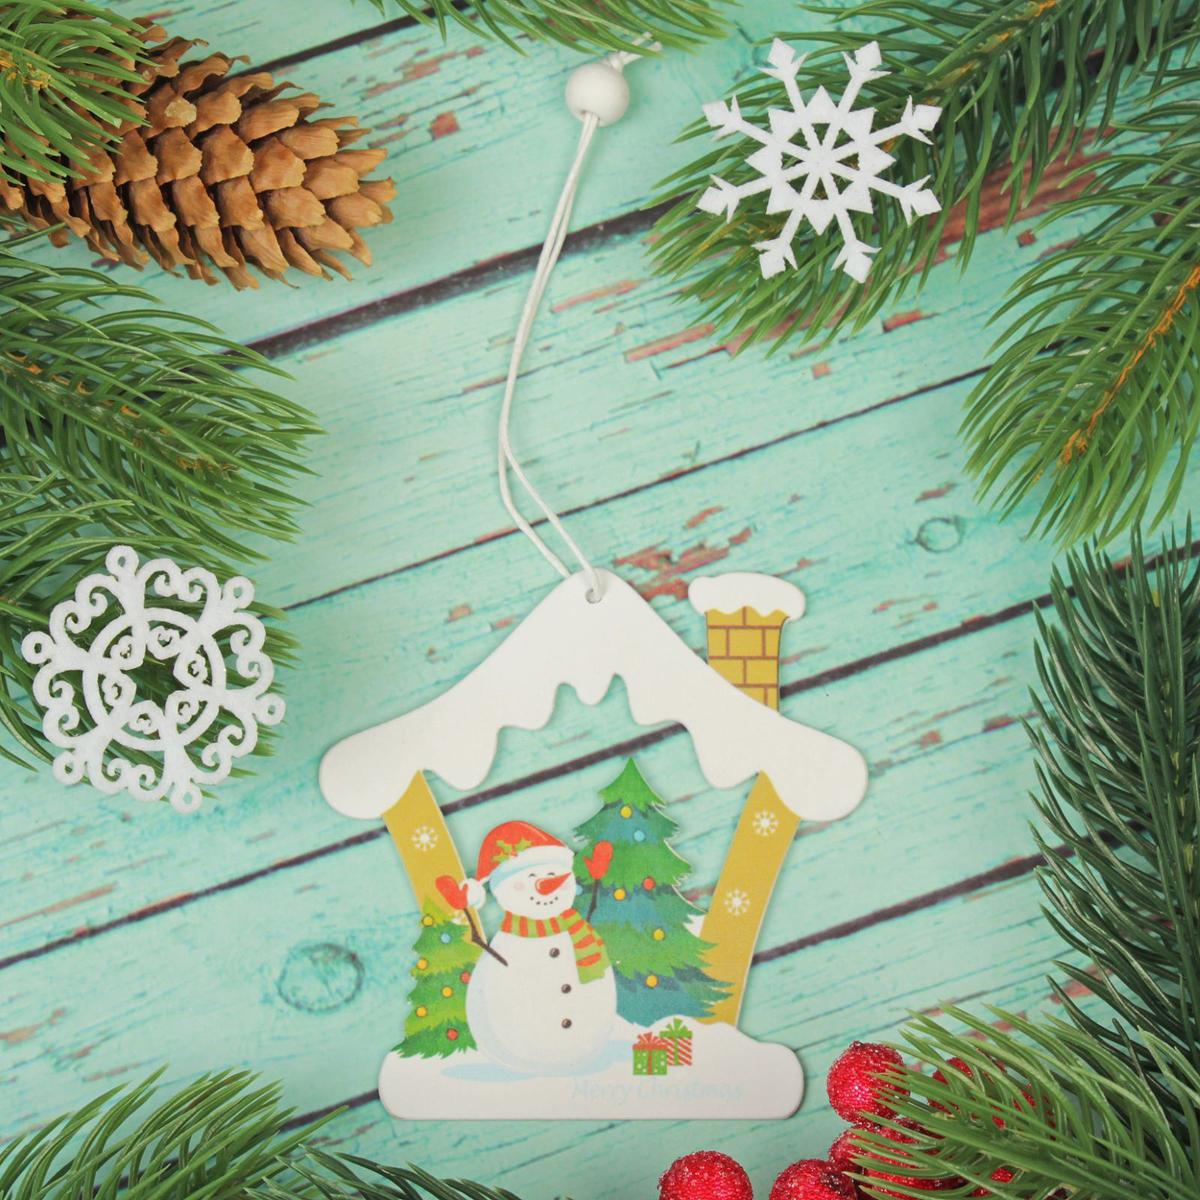 Подвеска новогодняя Снеговик в домике, 8 х 8 см2303455Новогодняя подвеска Снеговик в домике выполнена из дерева в виде домика с снеговиком. Подвеску можно повесить на елку благодаря специальному текстильному шнурку. Невозможно представить нашу жизнь без праздников! Мы всегда ждем их и предвкушаем, обдумываем, как проведем памятный день, тщательно выбираем подарки и аксессуары, ведь именно они создают и поддерживают торжественный настрой. Это отличный выбор, который привнесет атмосферу праздника в ваш дом!